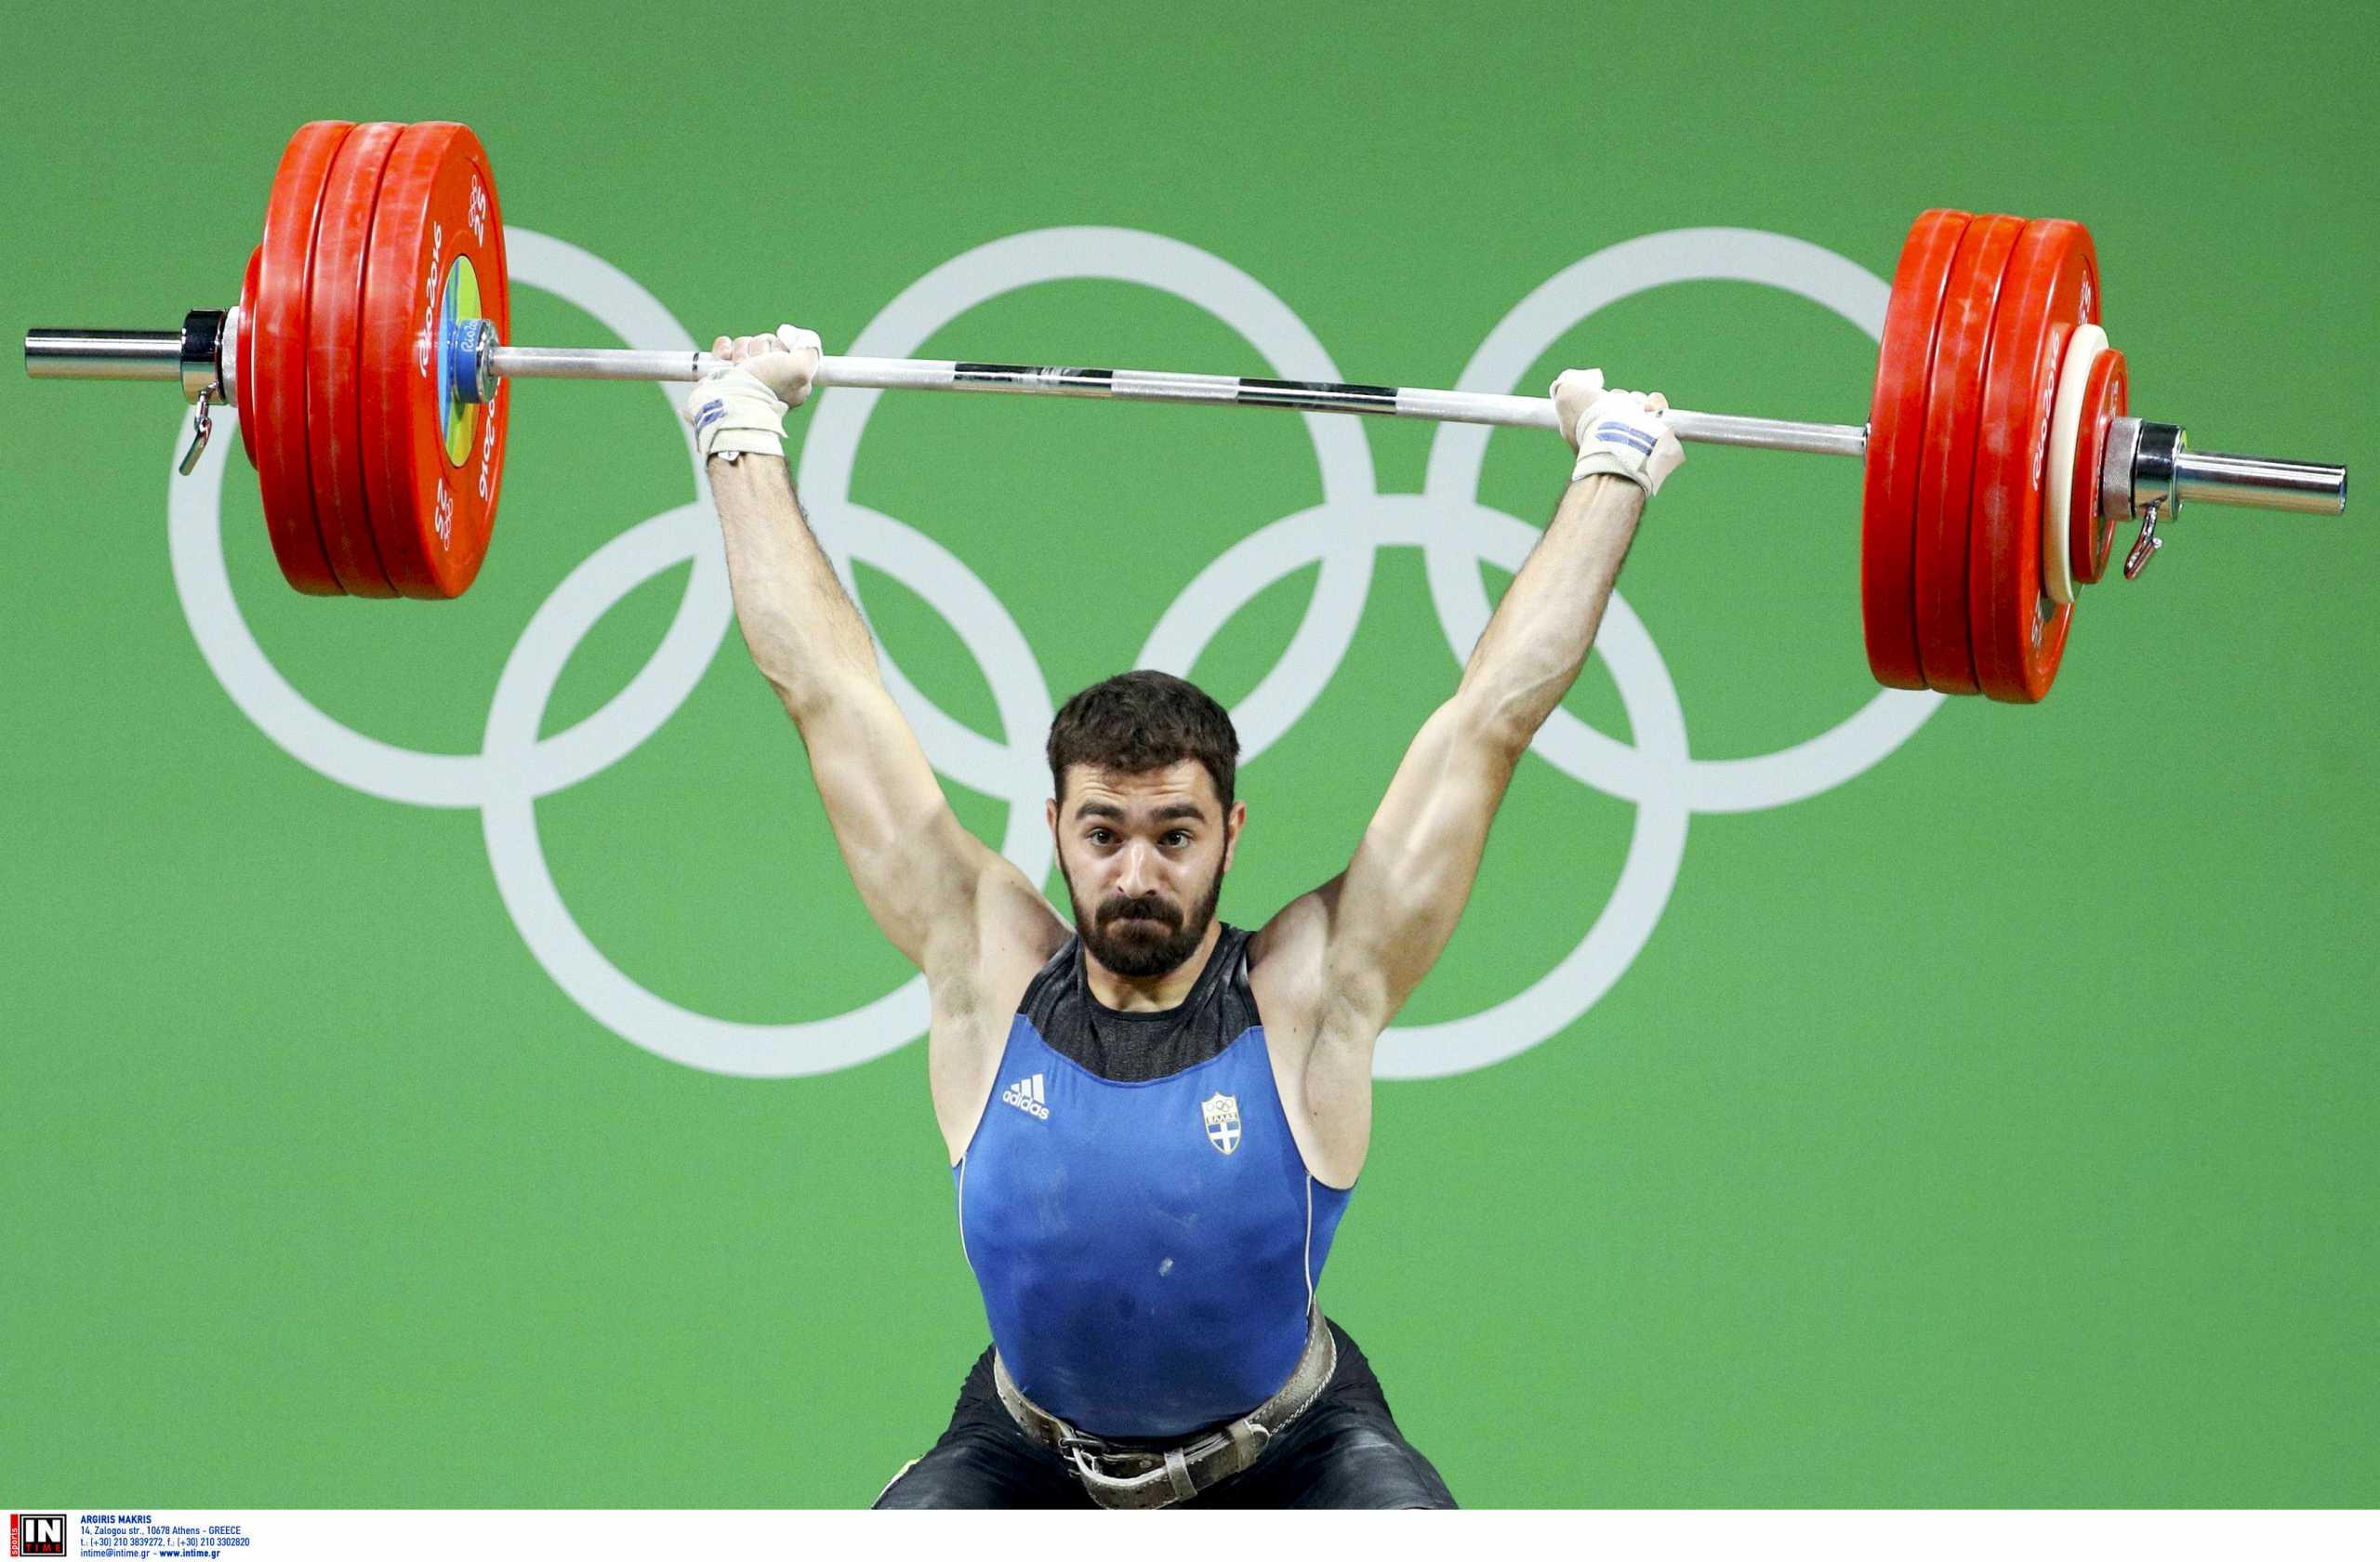 Στους Ολυμπιακούς Αγώνες ο Θοδωρής Ιακωβίδης